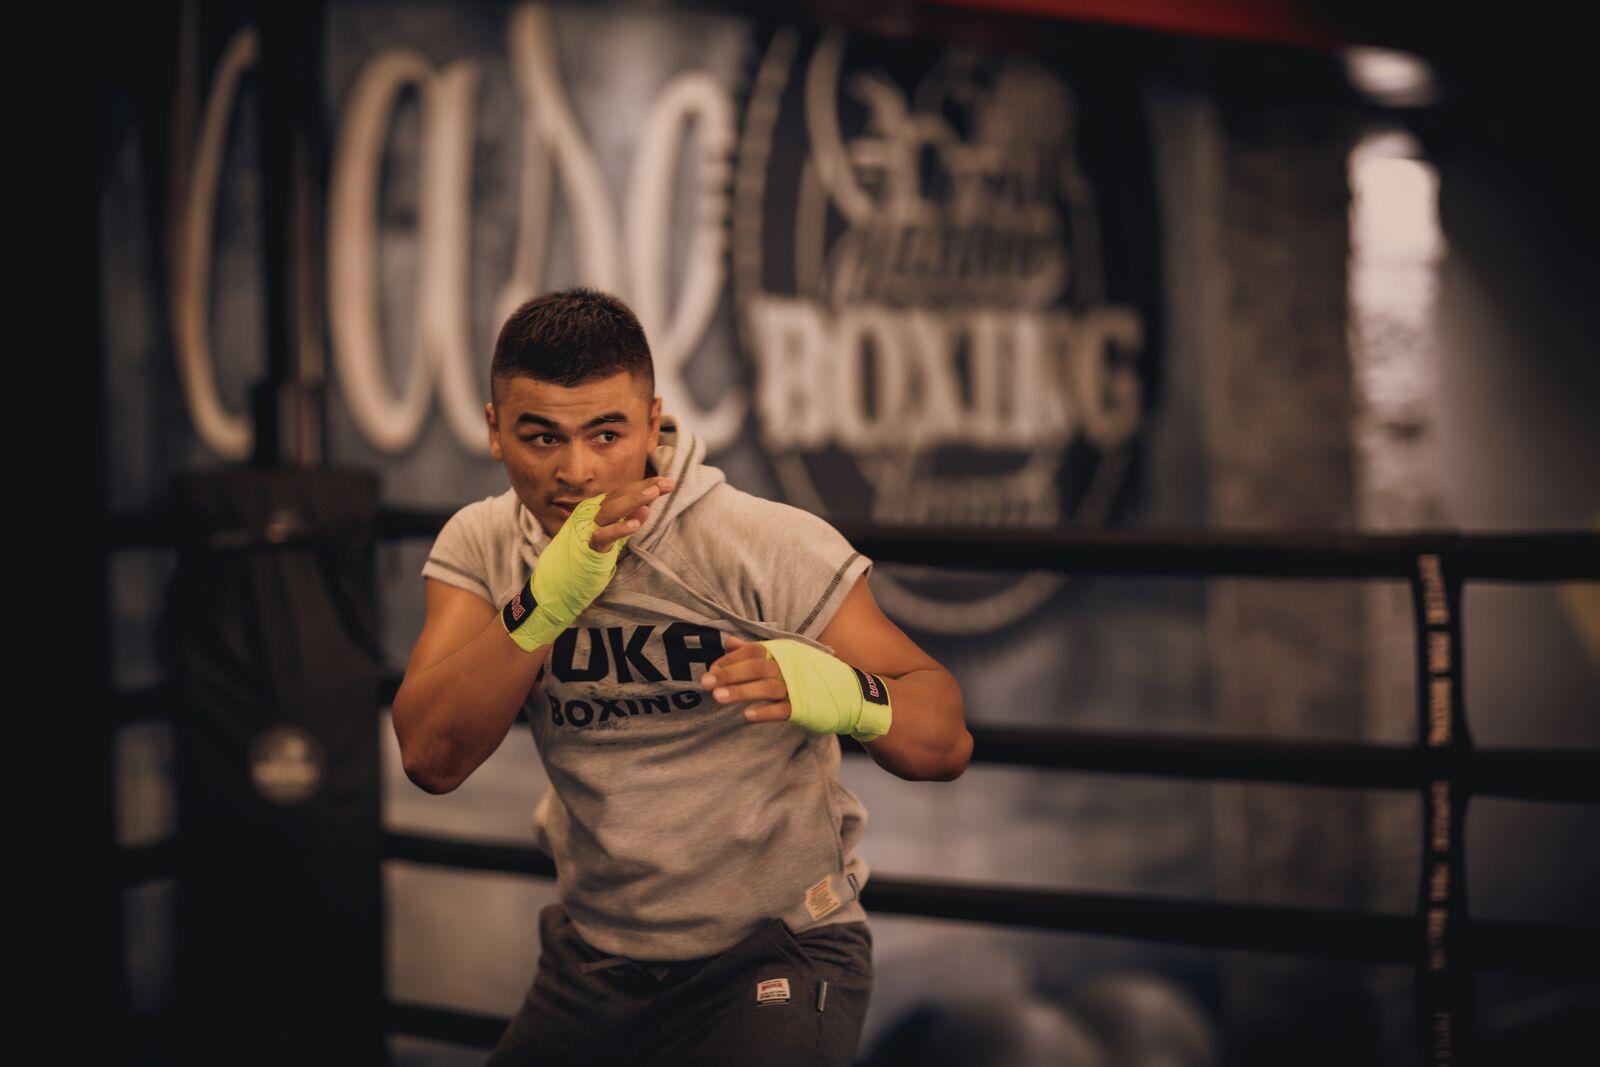 Azizbek-Abdugofurov-Photo-credit-Otabek-Khaydarov-BUKA-Boxing